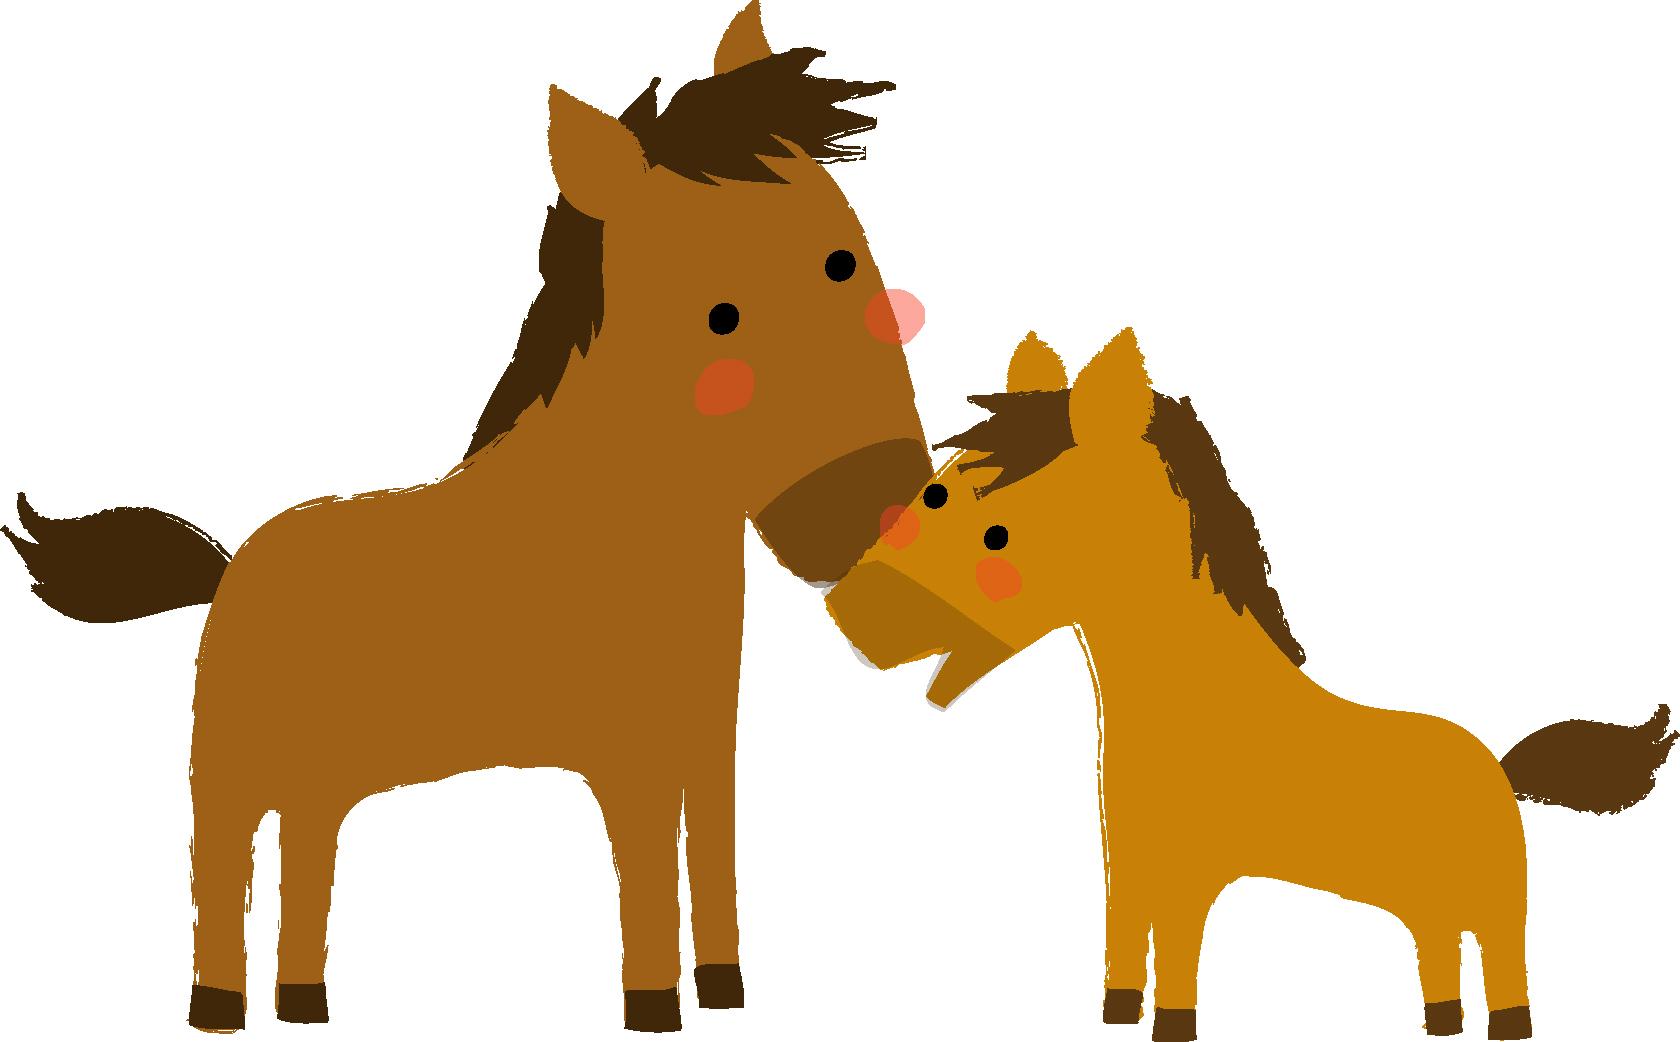 馬の親子」ダウンロード|かわいい無料イラスト 印刷素材